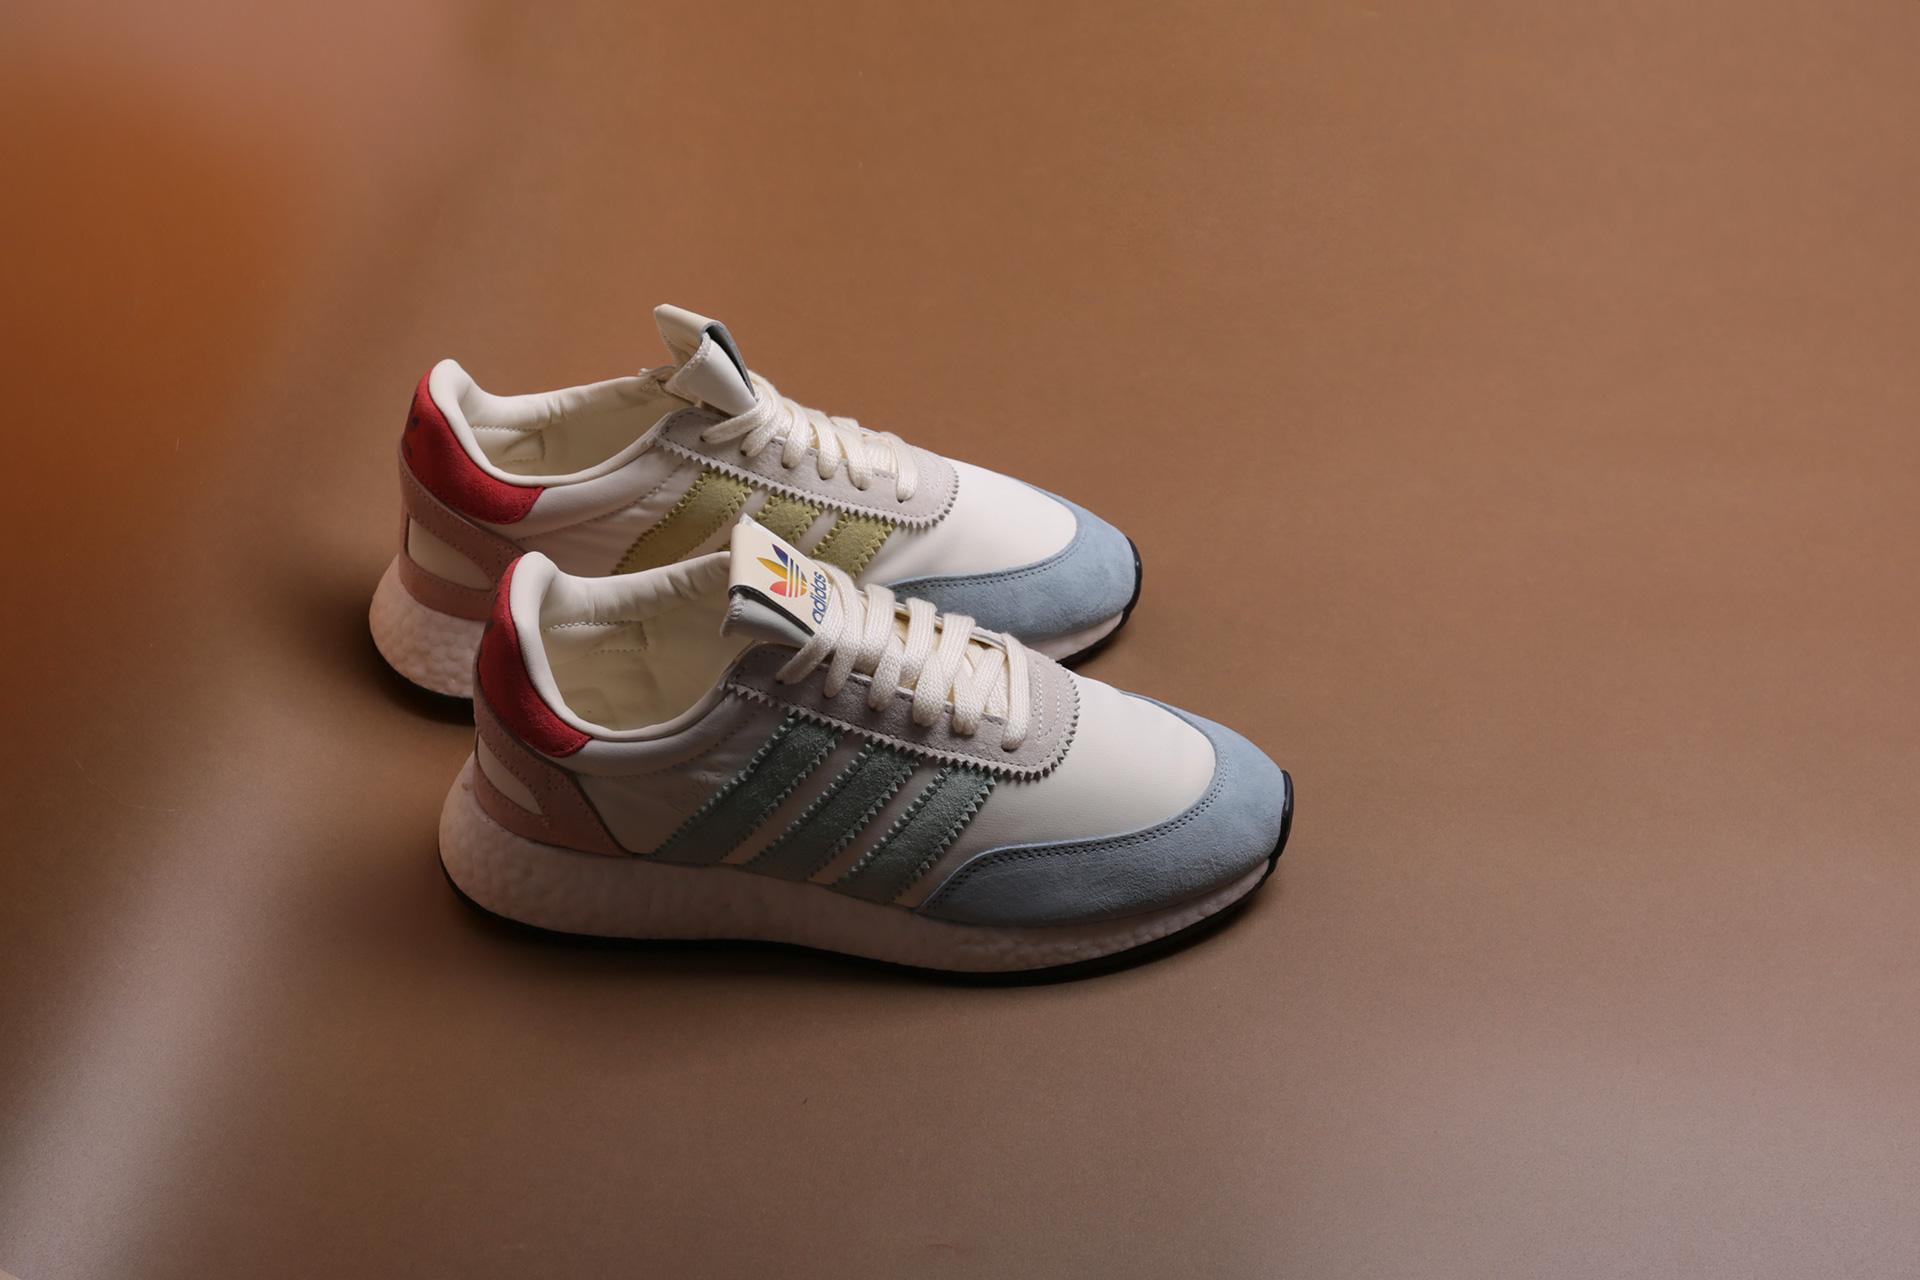 Купить бежевые мужские кроссовки I-5923 Pride от adidas Originals ... 06a5c3603e0